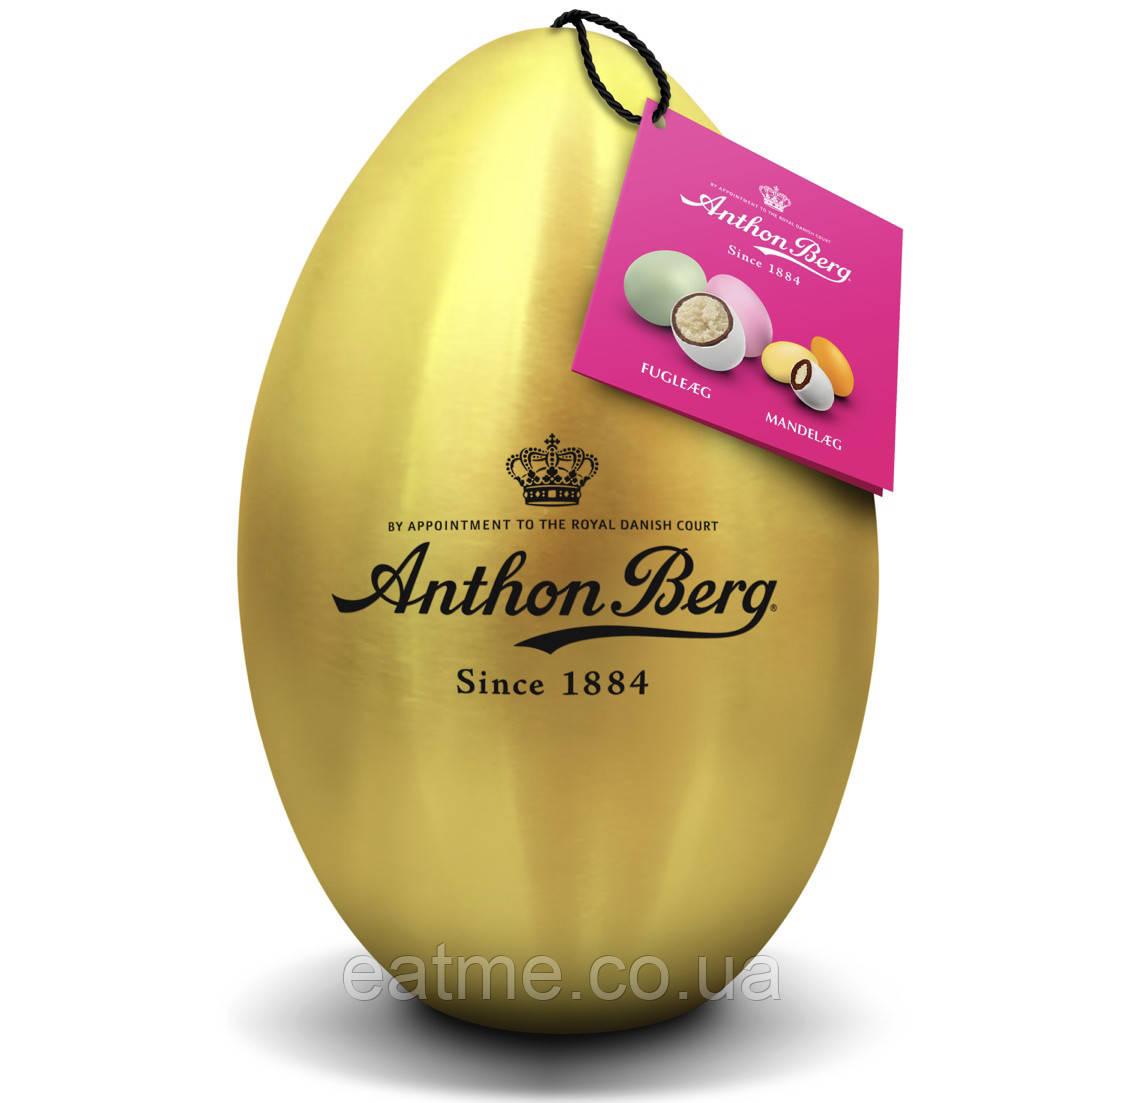 Anthon Berg Easter Egg Золотое